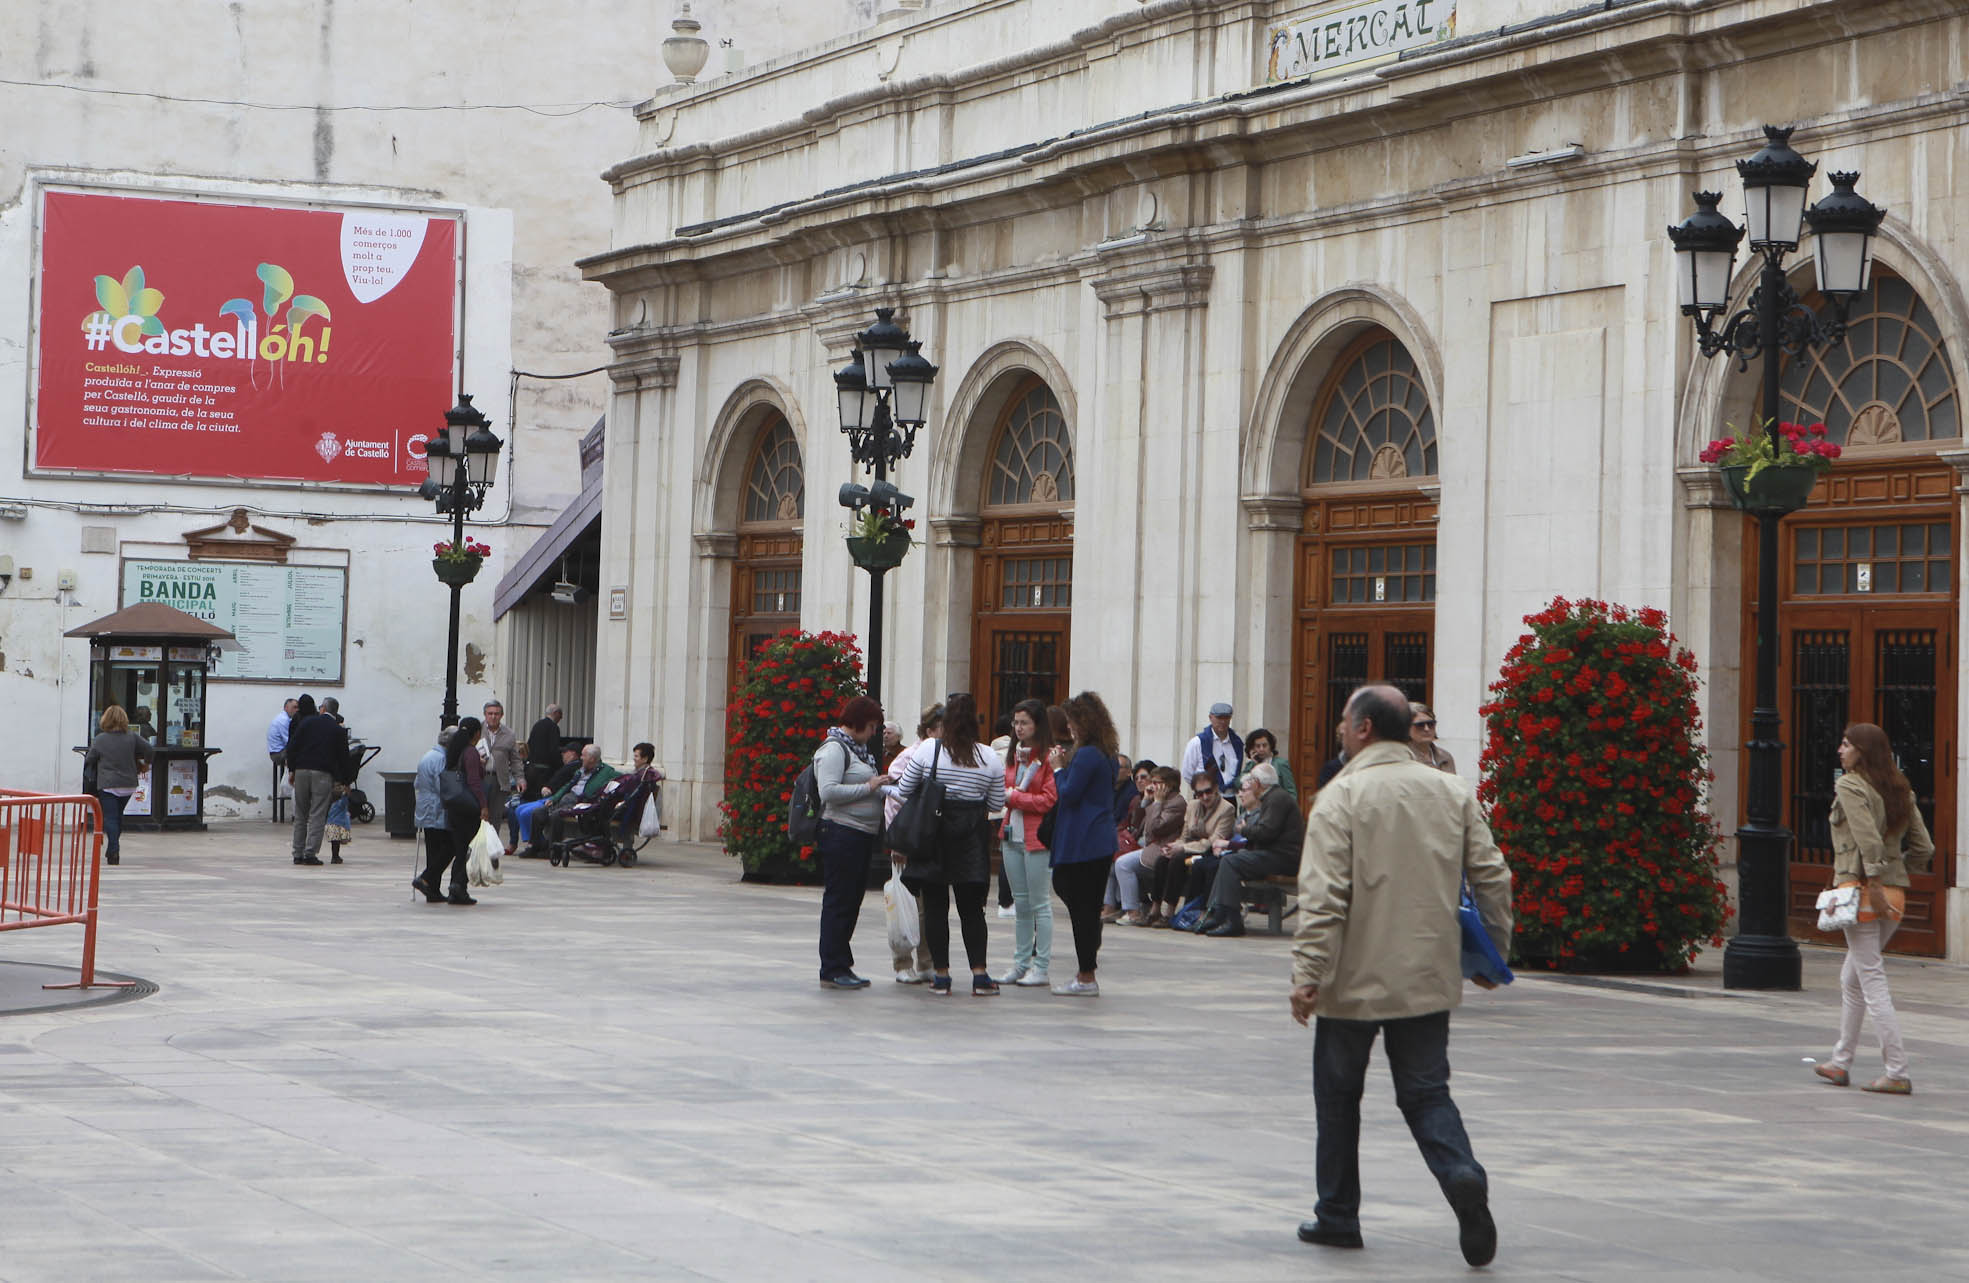 La campaña de dinamización #Castellóh! se acerca al Mercado Central y al de San Antonio